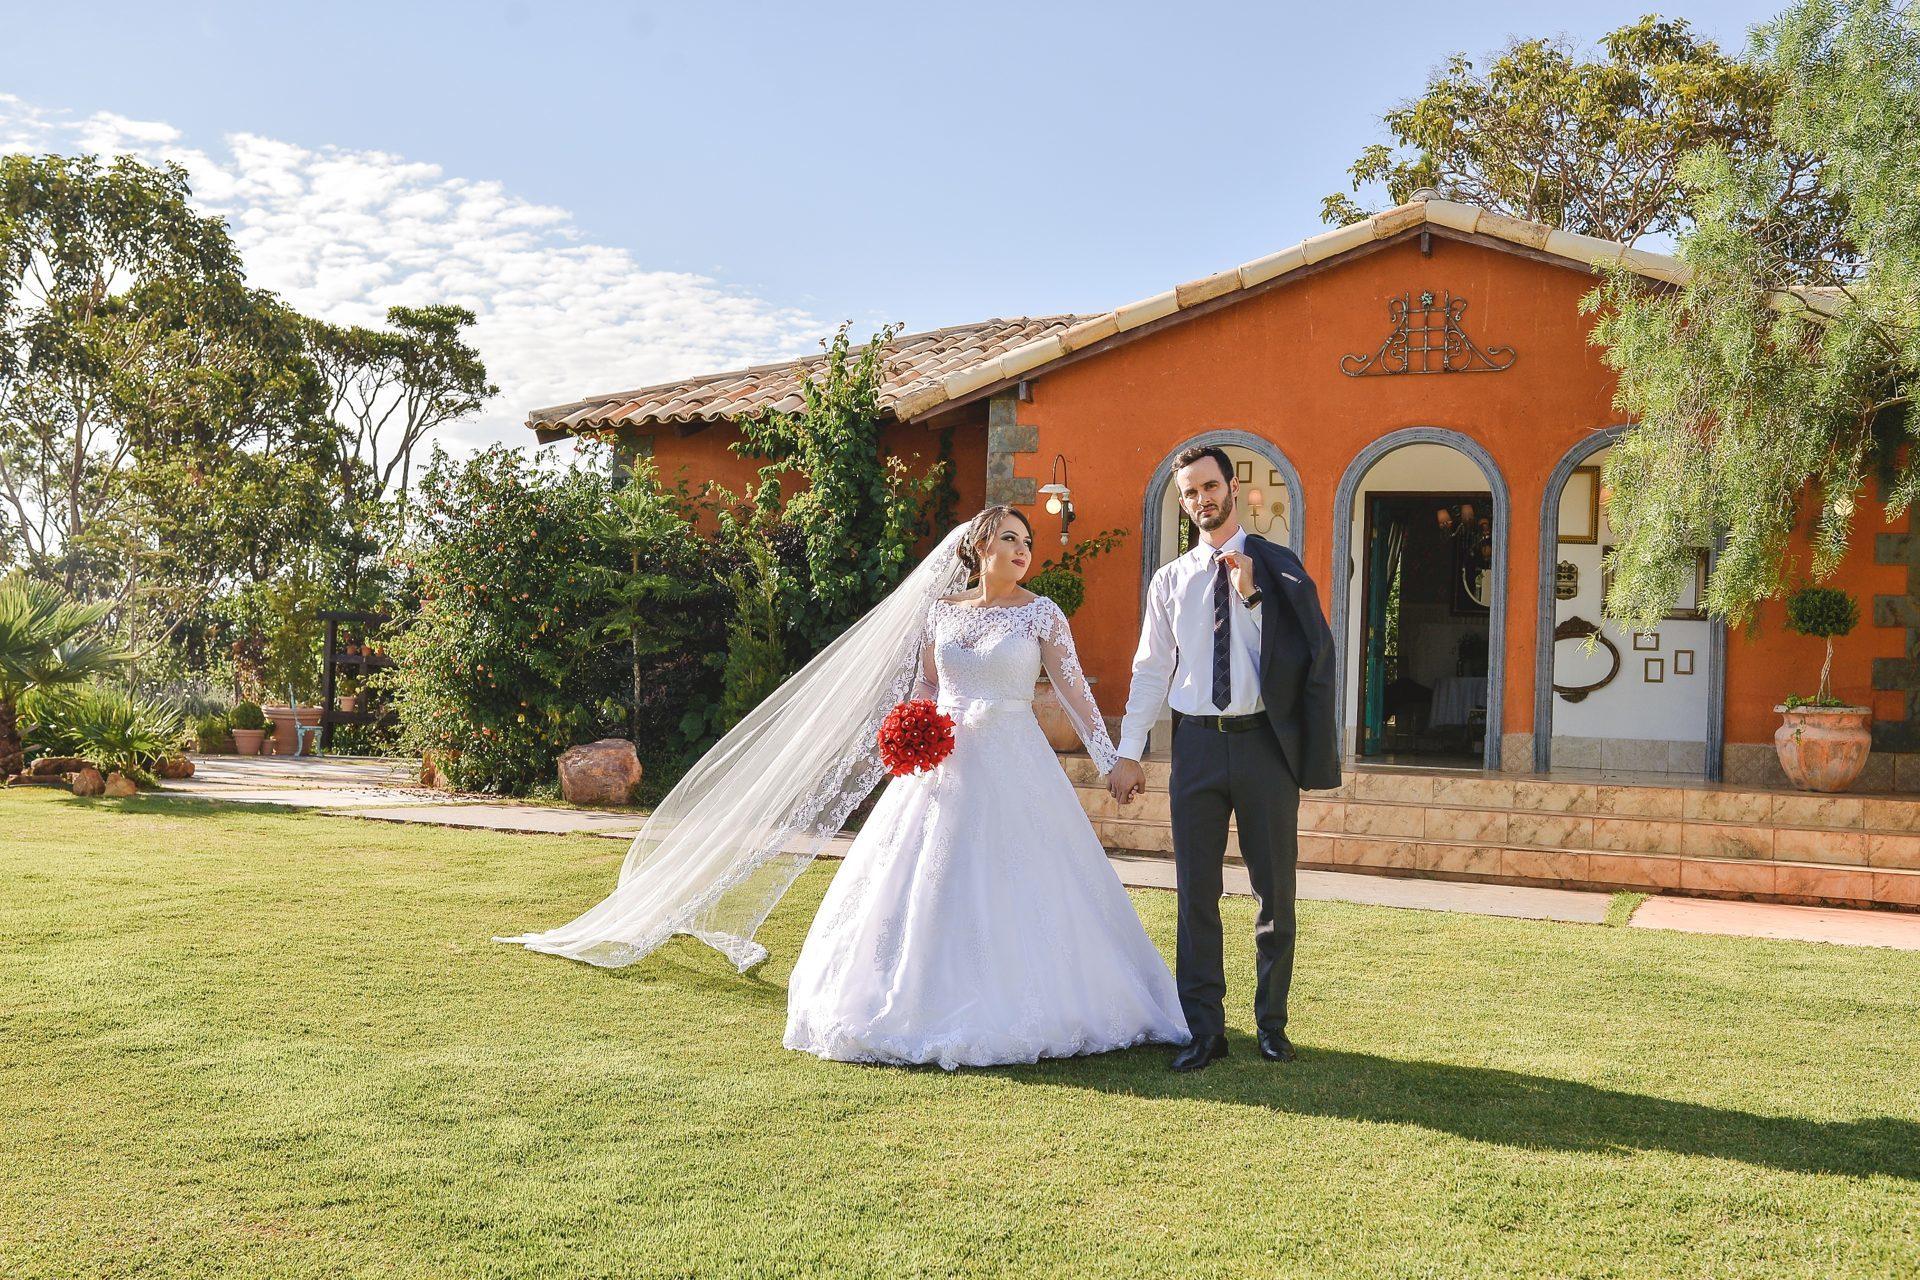 Contate Ricardo Alexandre - Fotografo de Casamento e Família | Brasília - DF